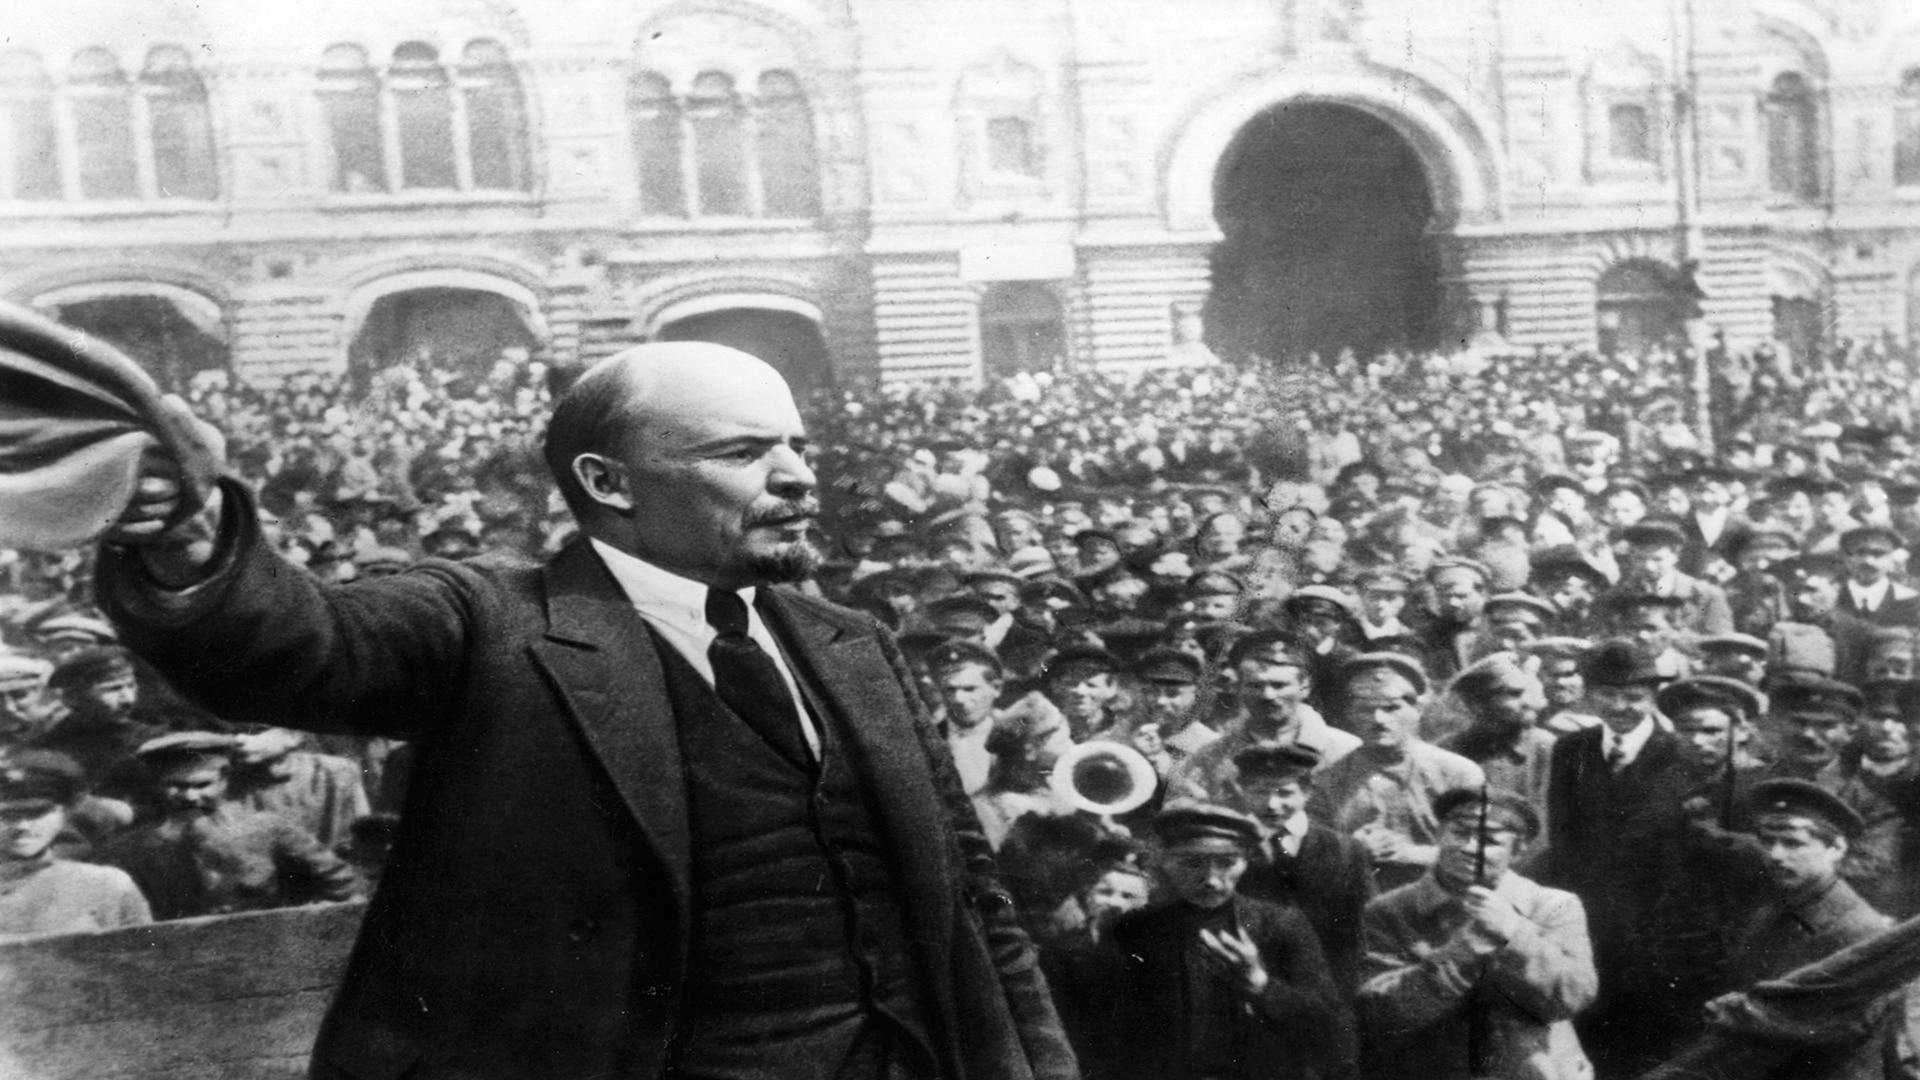 Como aconteceu a Revolução Russa?